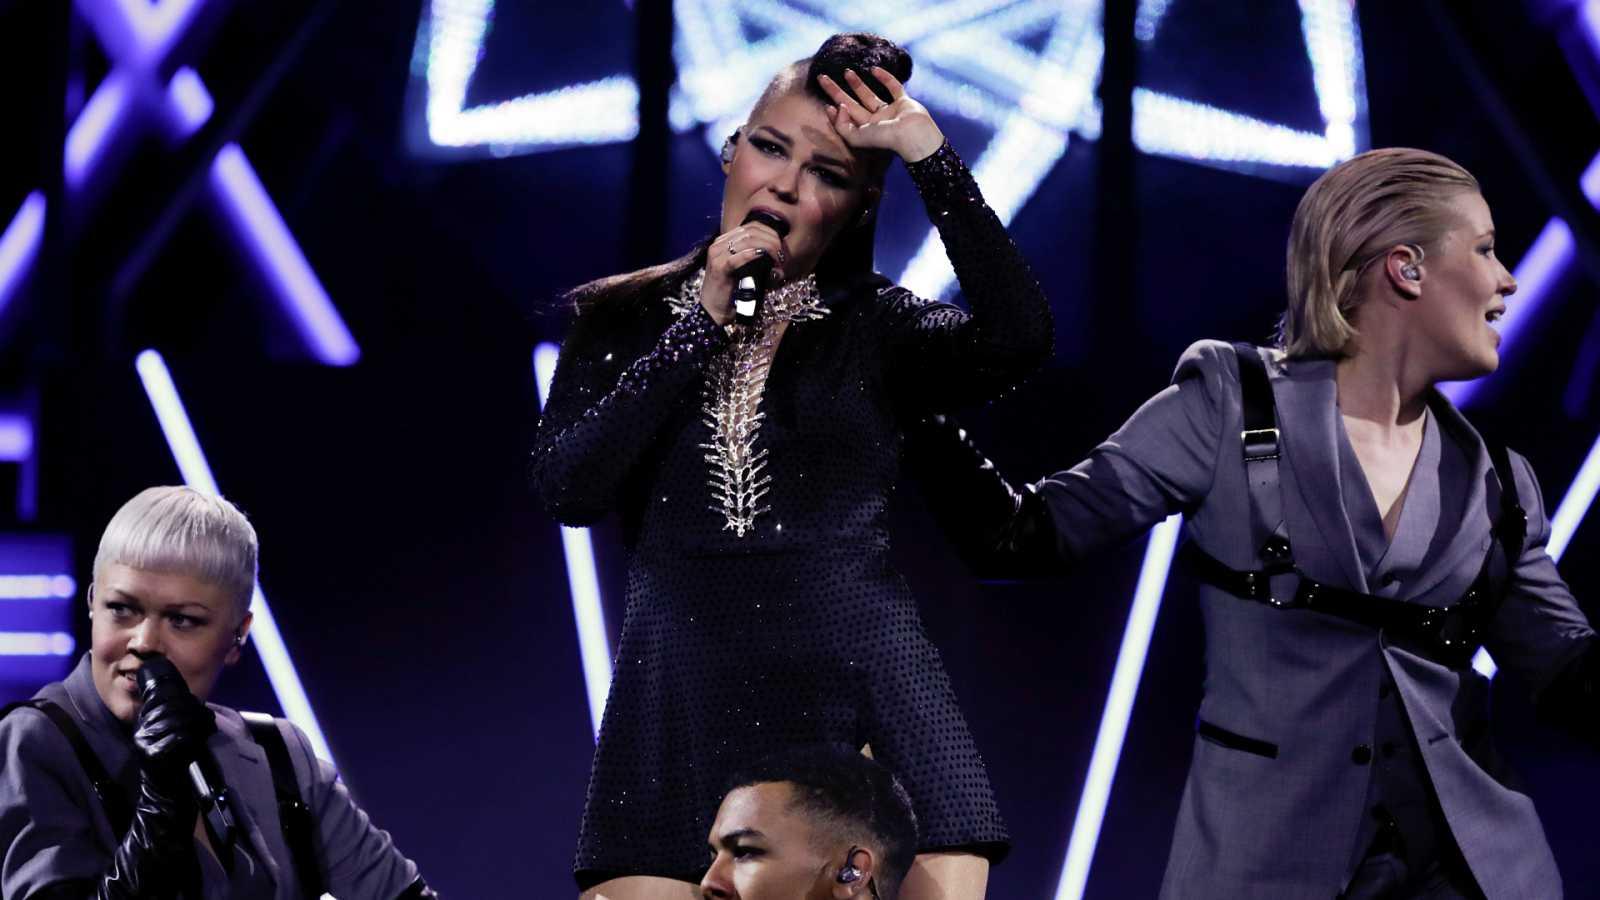 """Eurovisión - Finlandia: Saara Aalto canta """"Monsters"""" en la primera semifinal de Eurovisión 2018"""